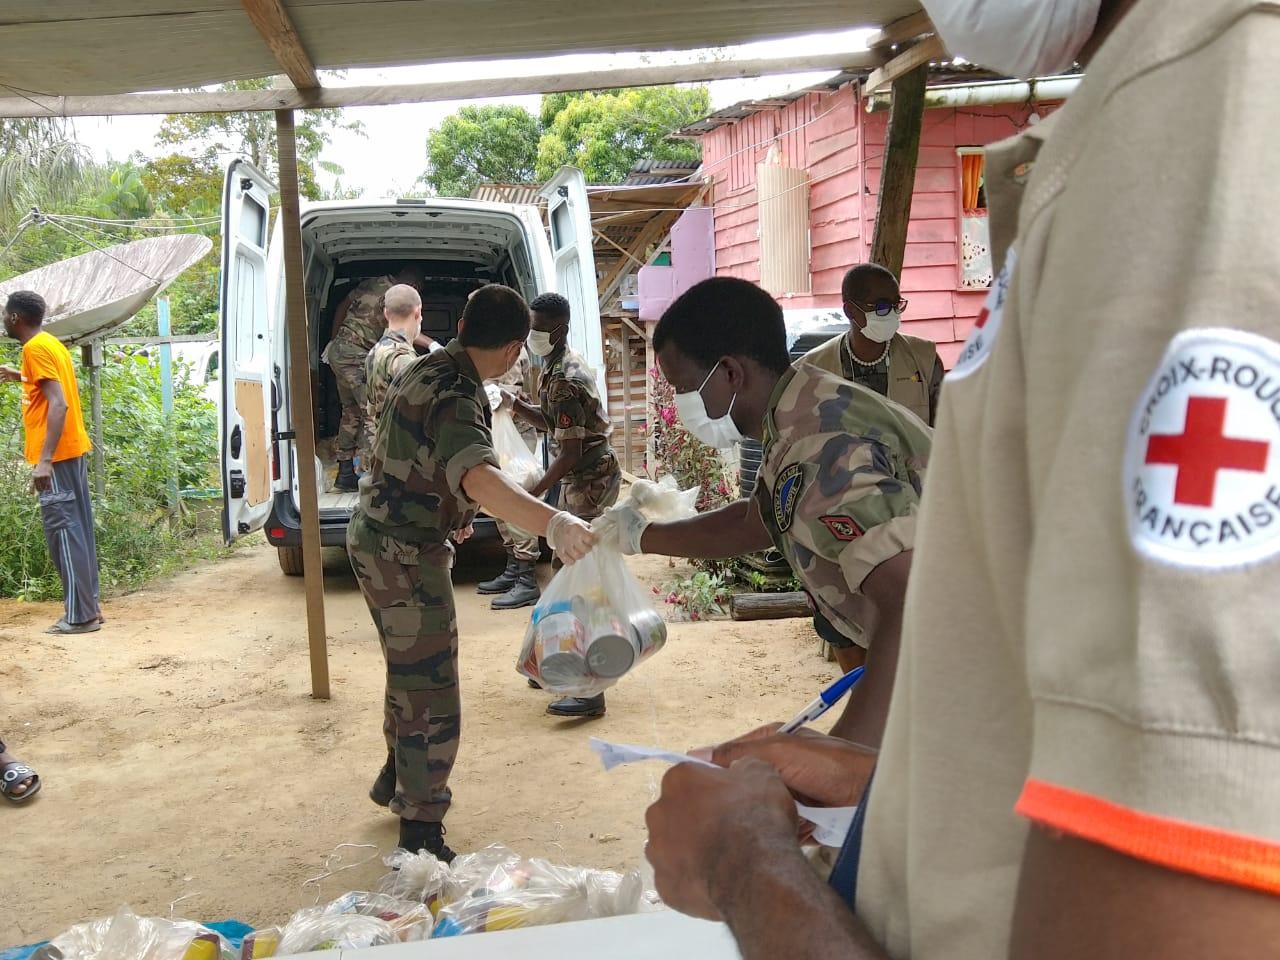 Guyane : La Croix-Rouge et le RSMA mobilisés pour distribuer 1 250 colis alimentaires